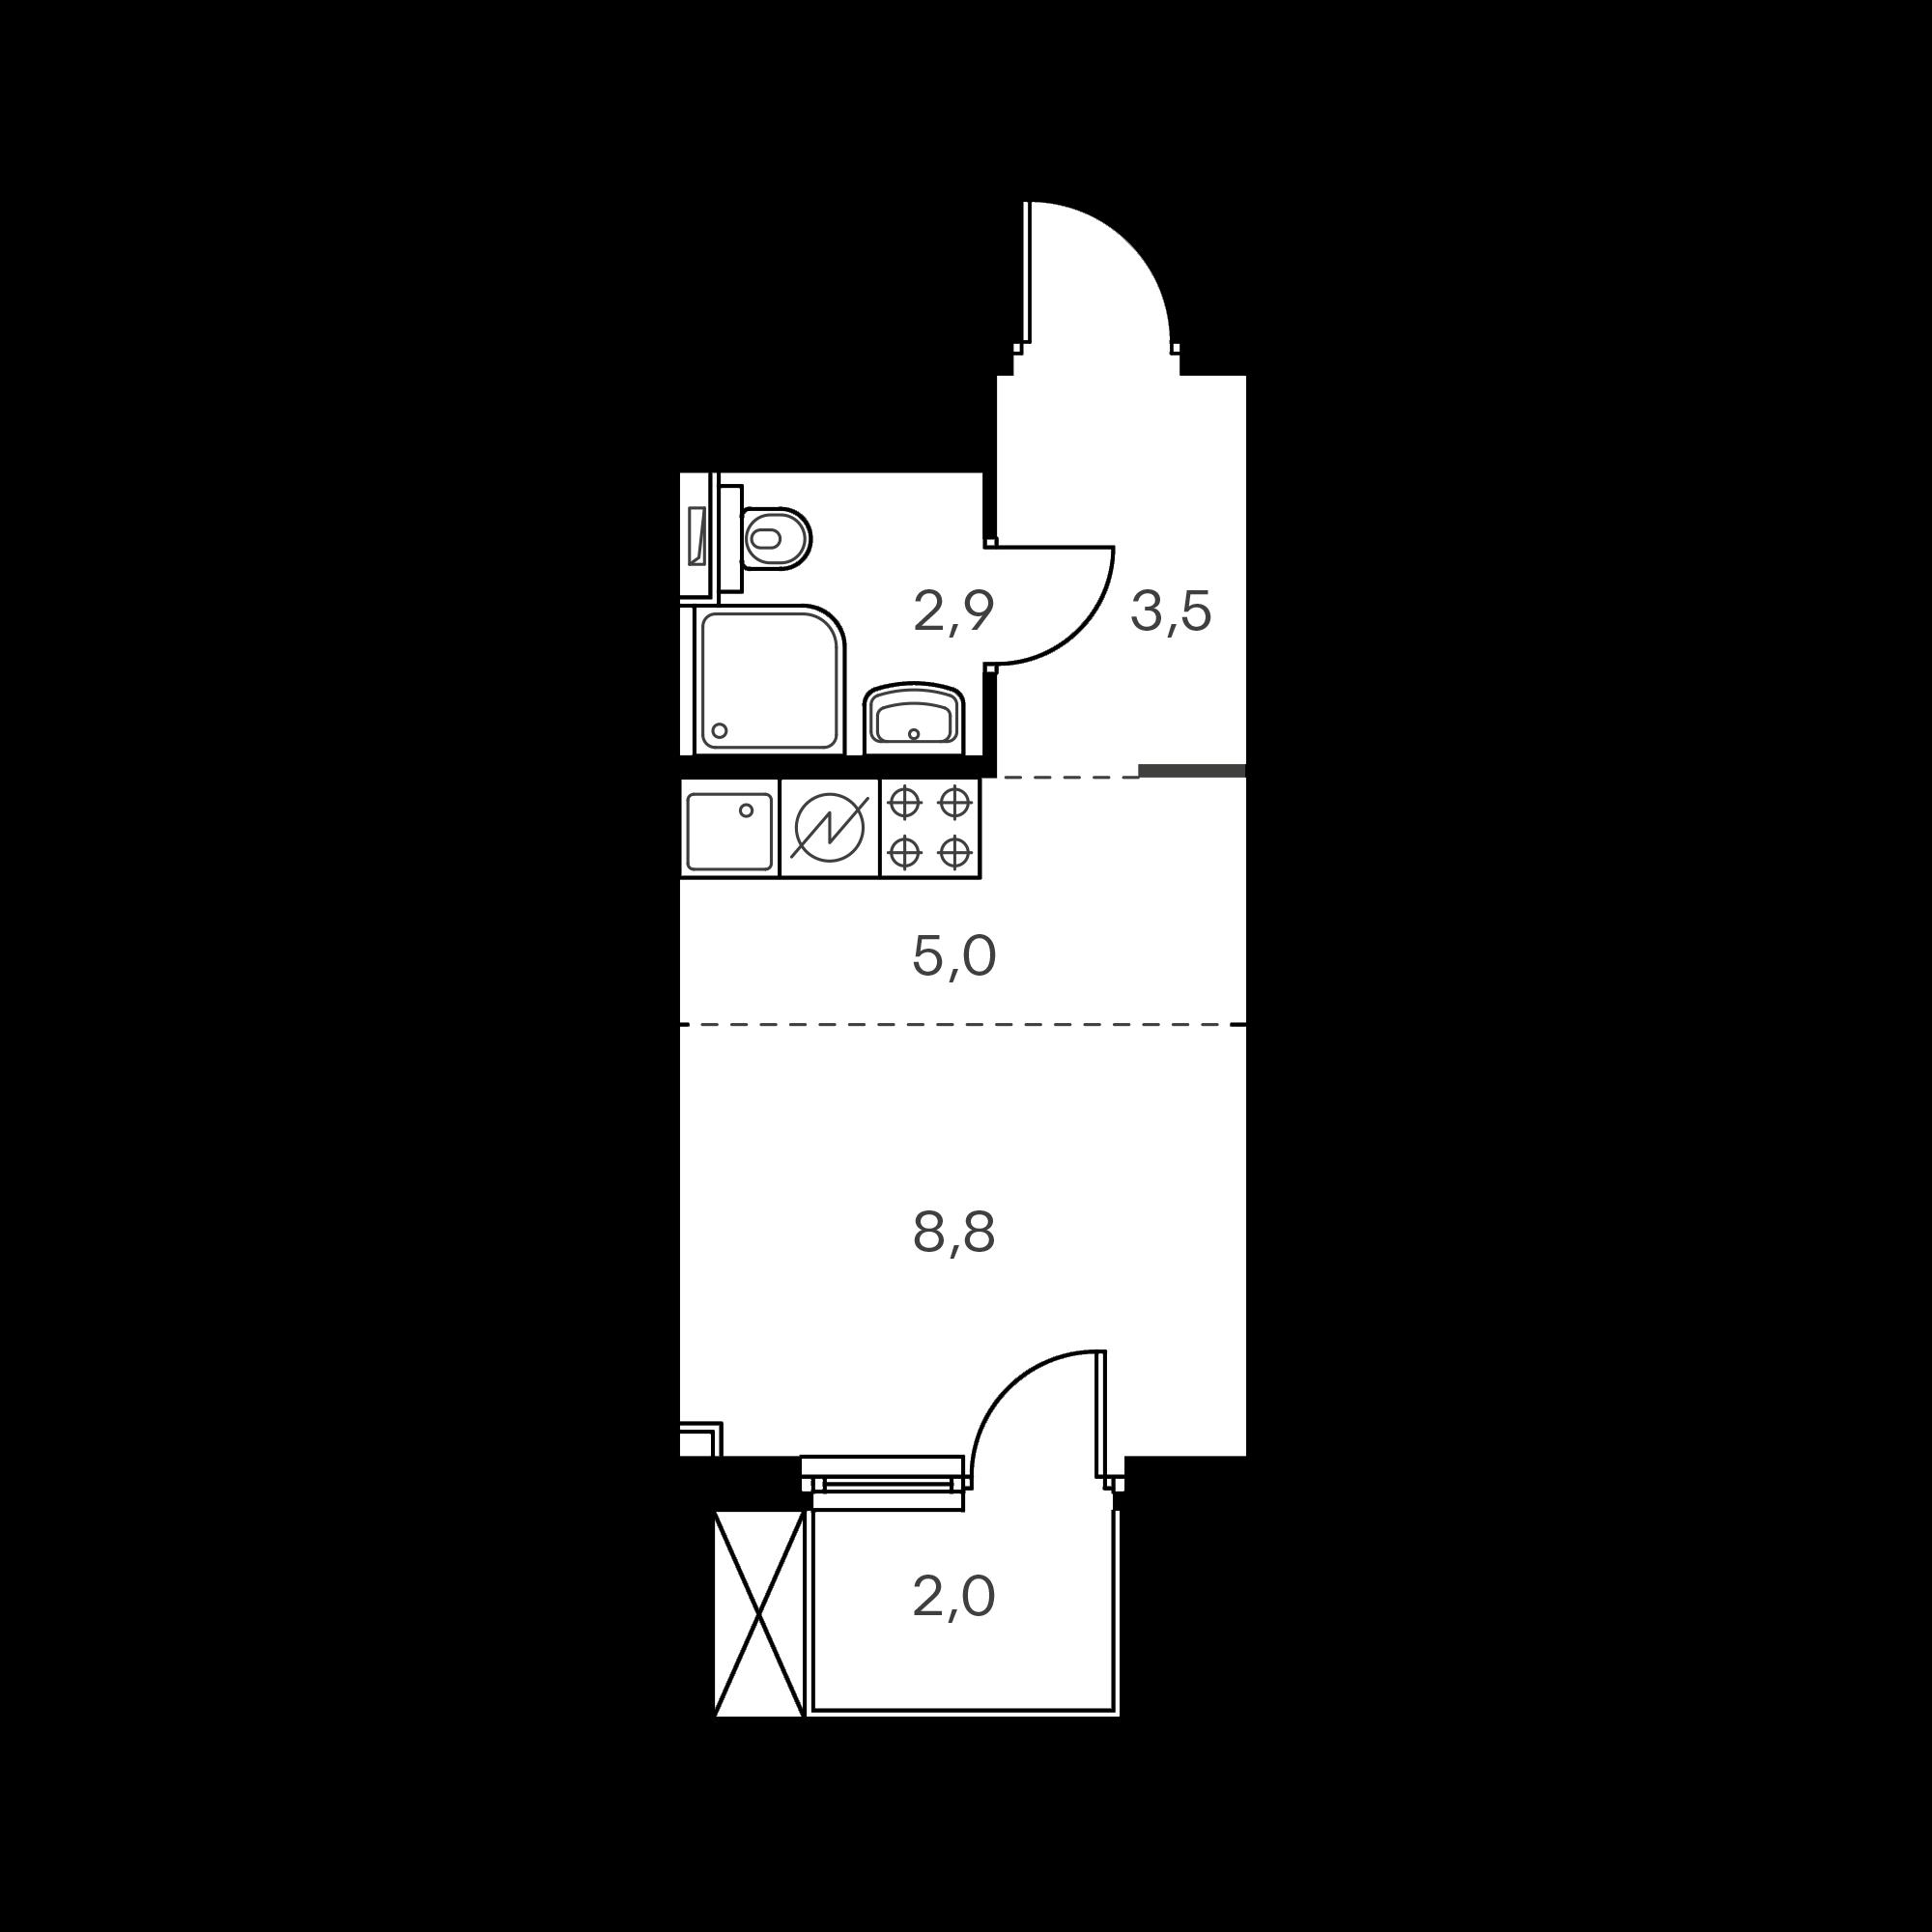 1NS1_3.6-1_B(R1-2,0)